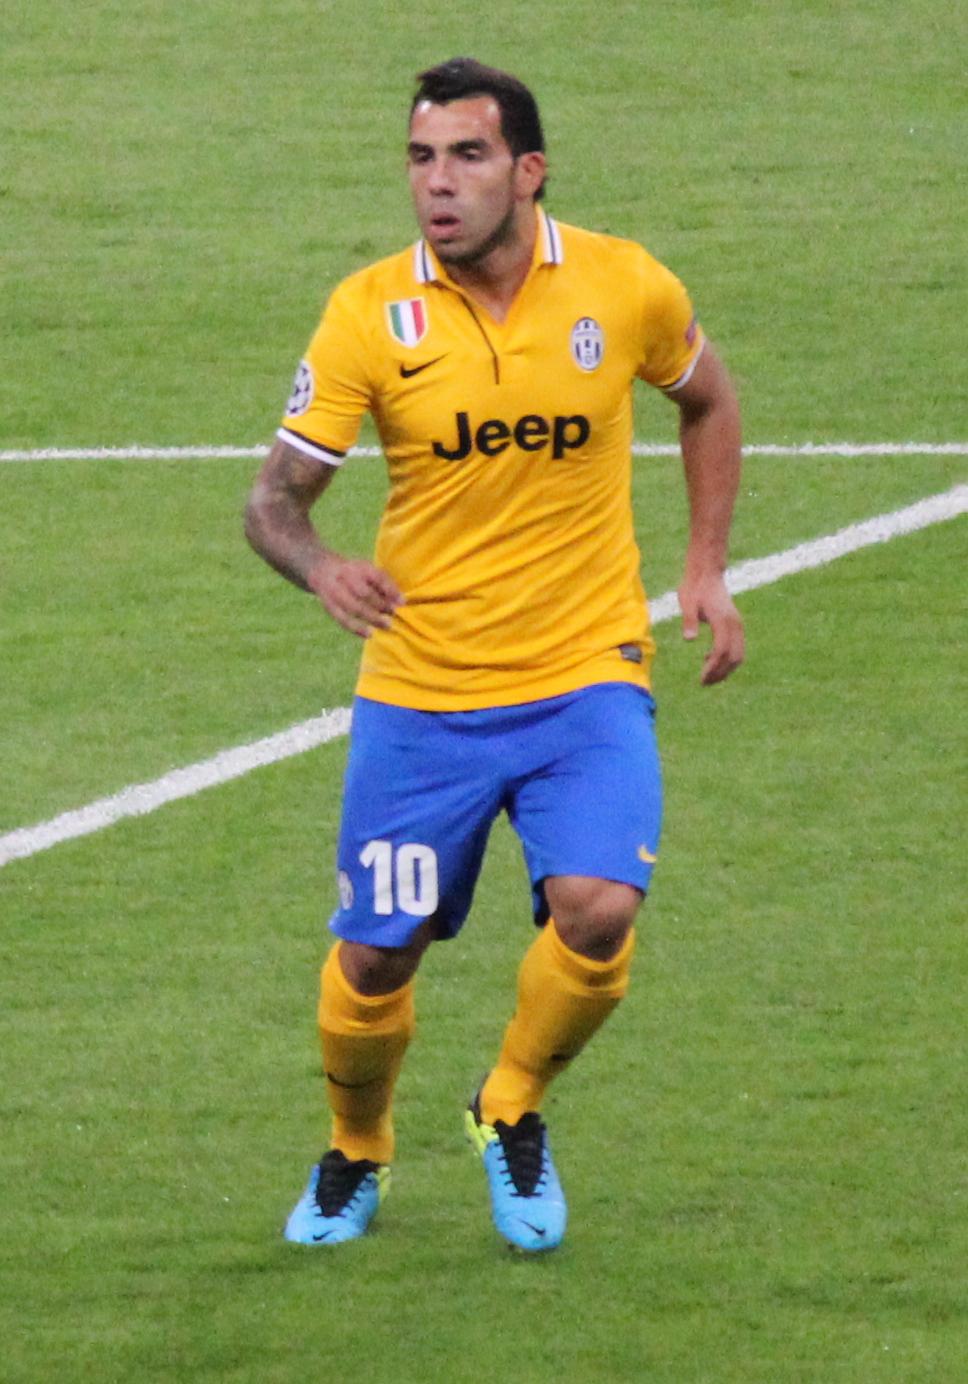 Tevez Juve Tevez playing for juventus in Carlos Tevez Juventus